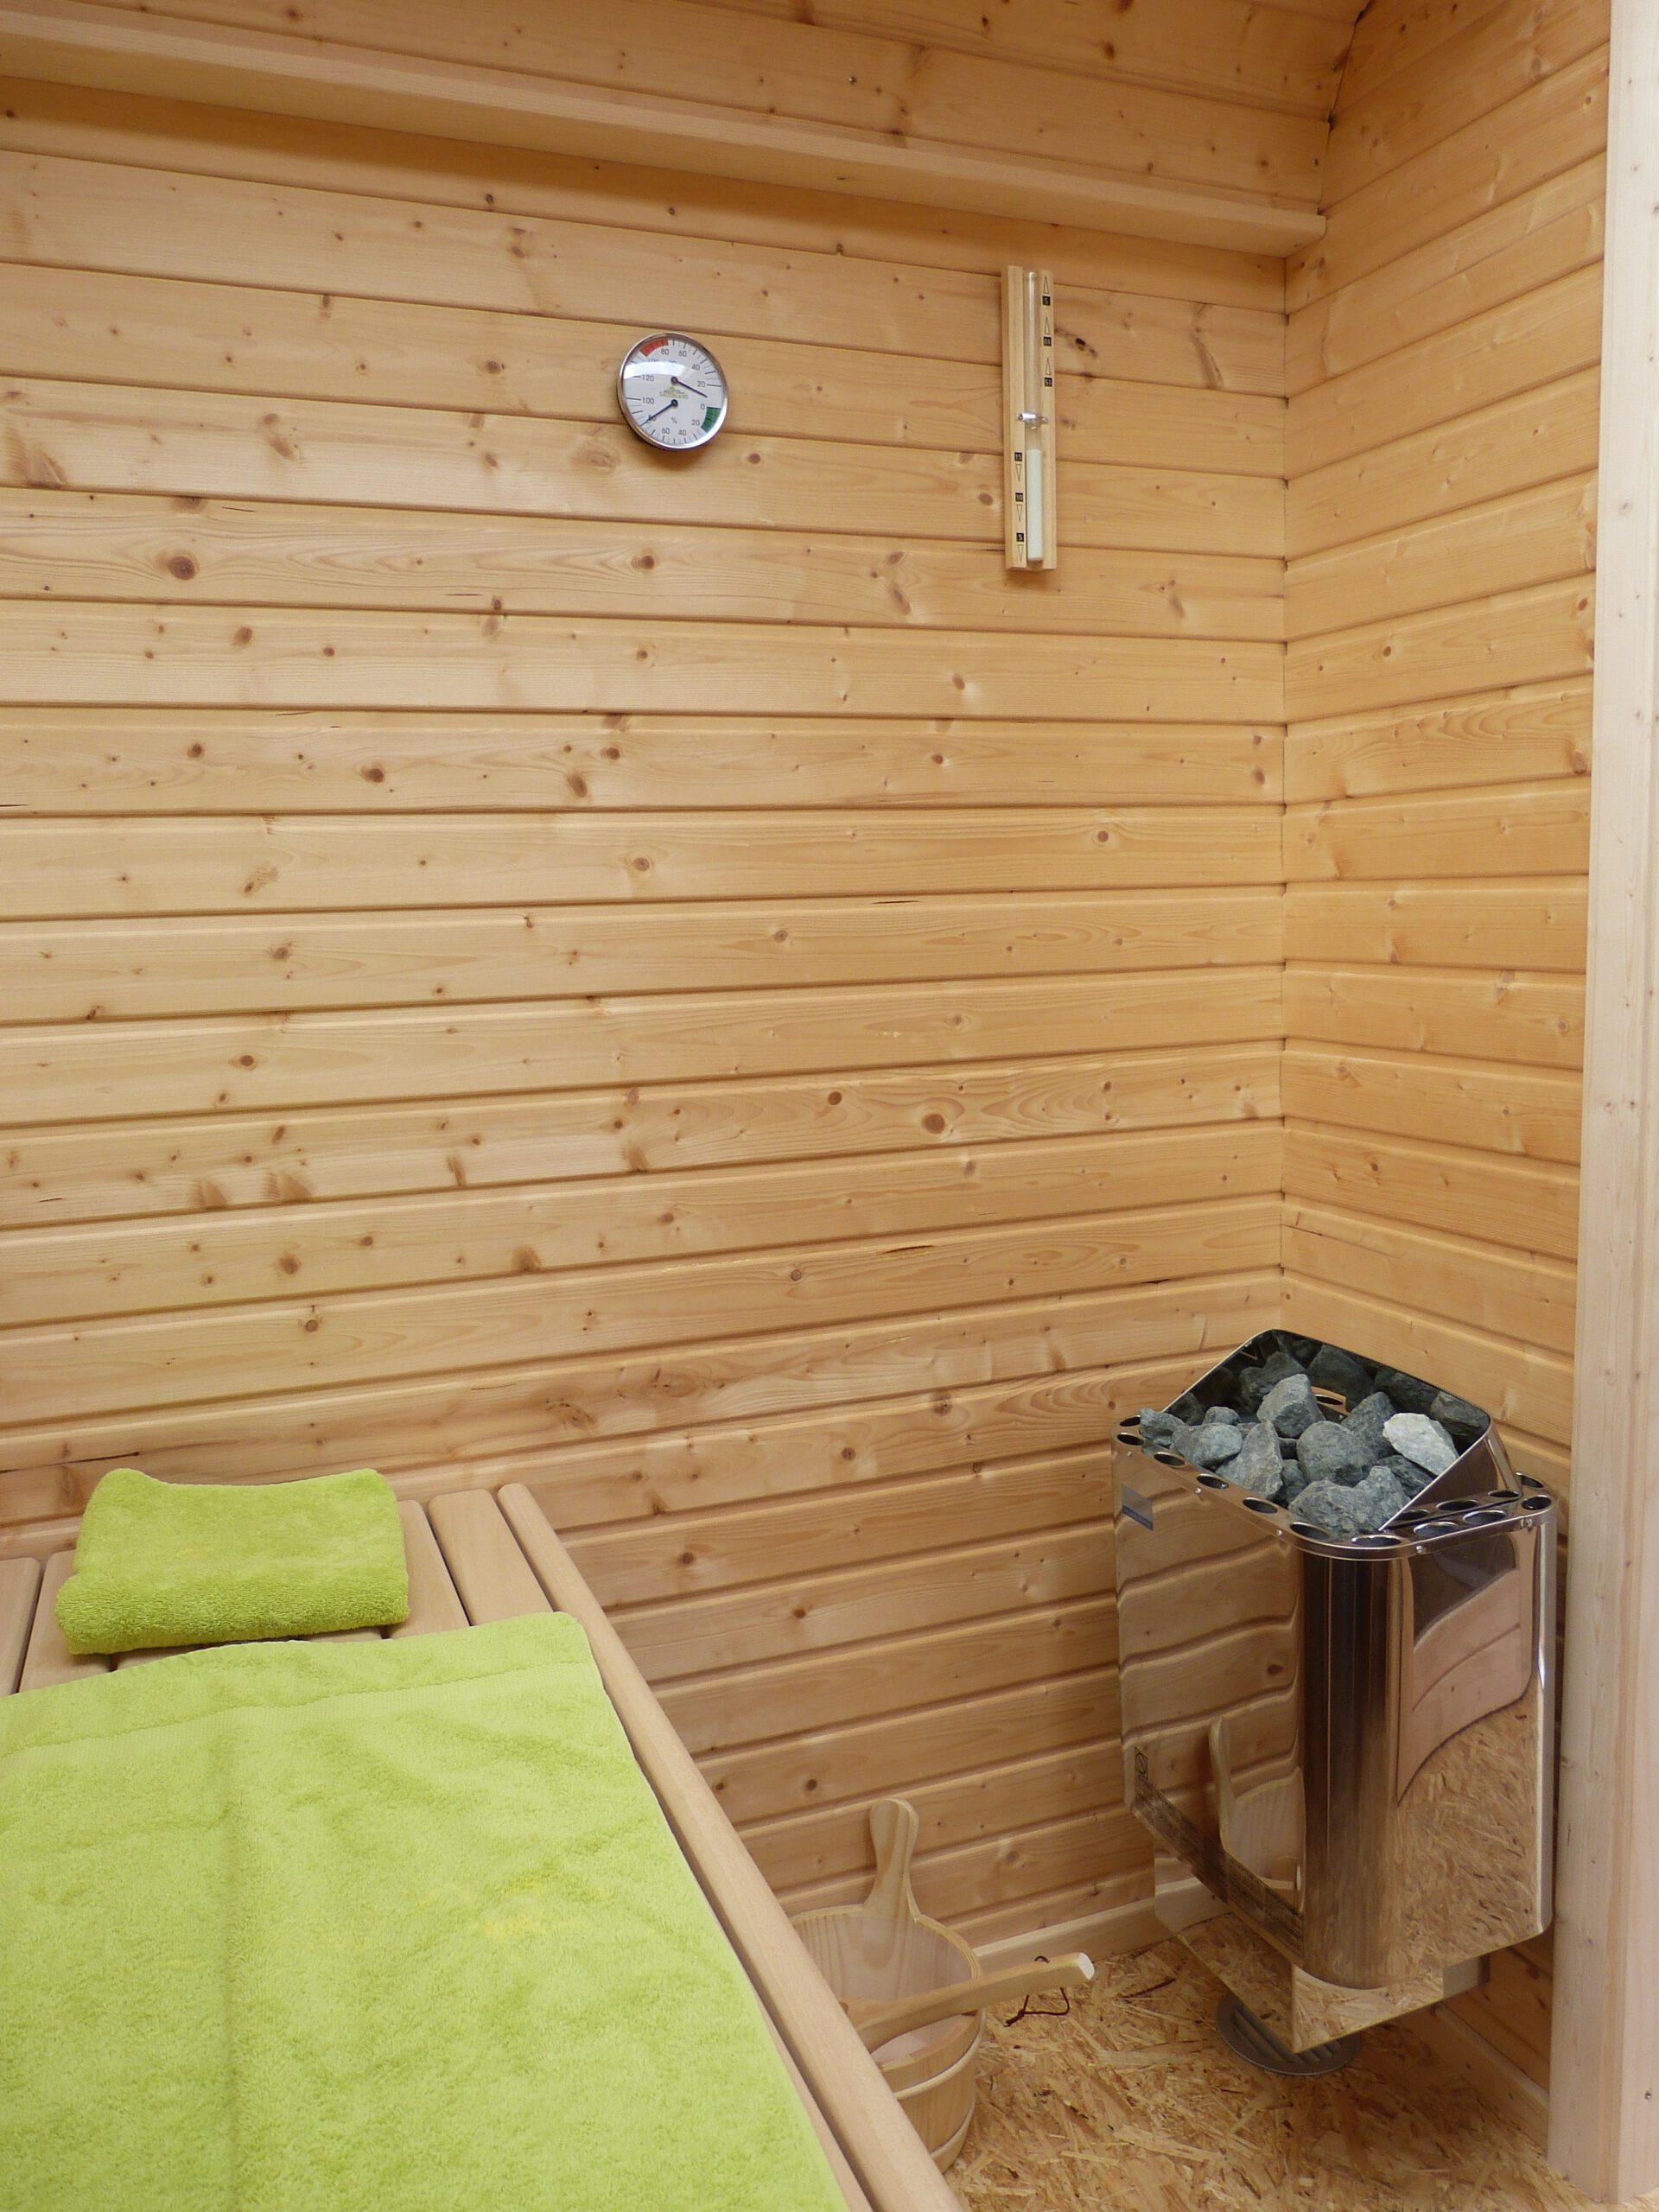 jan stölken gmbh - Saunawagen (3)